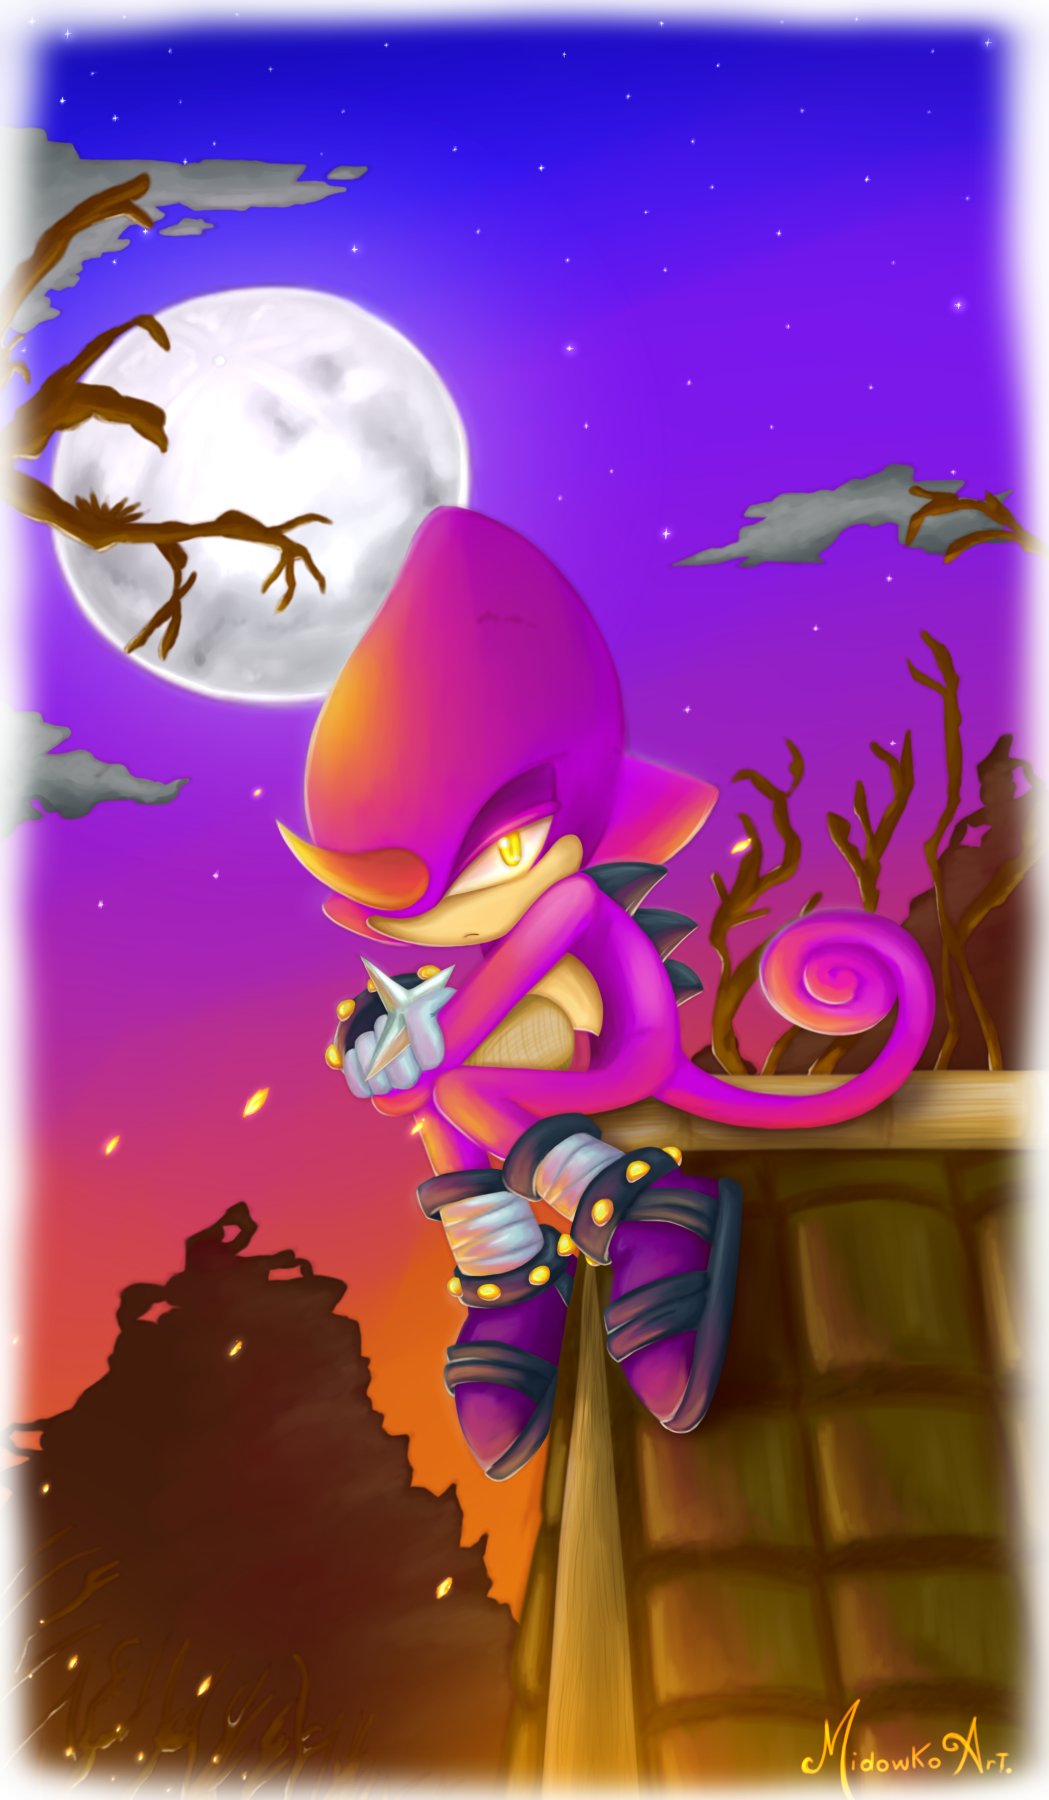 Espio the chameleon by Midowko